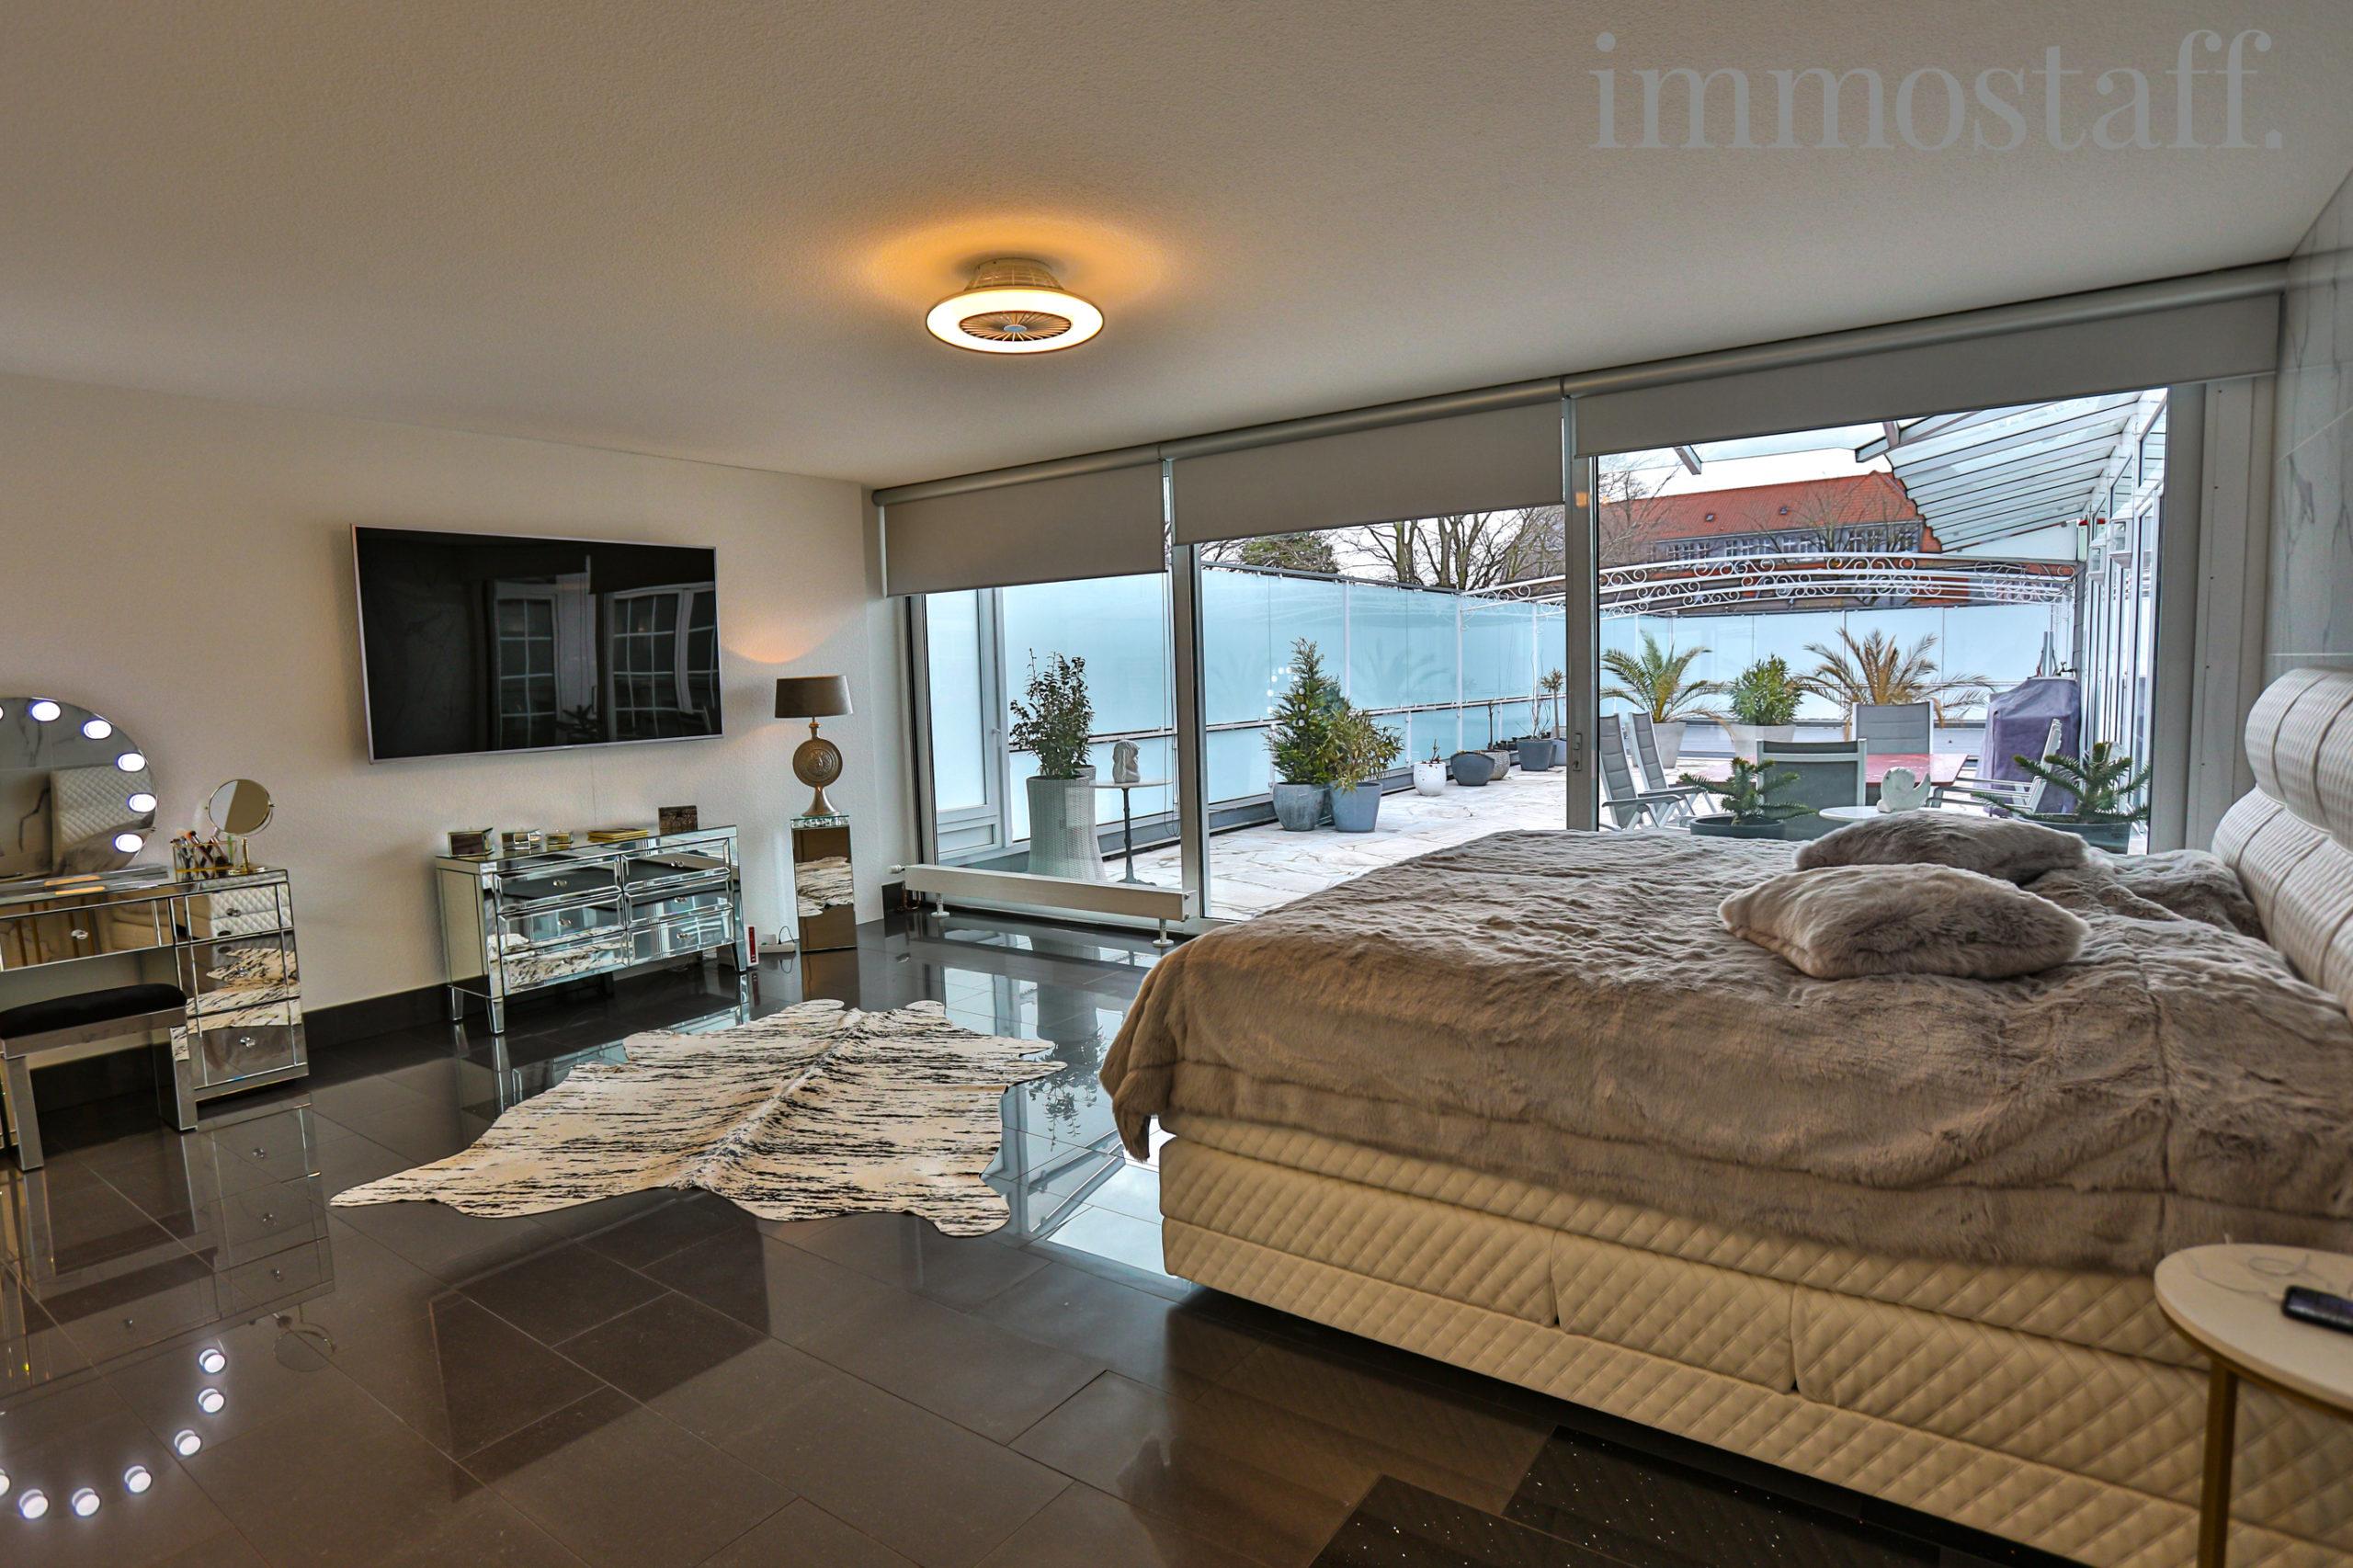 Elternschlafzimmer mit Zugang zur Terrasse im OG